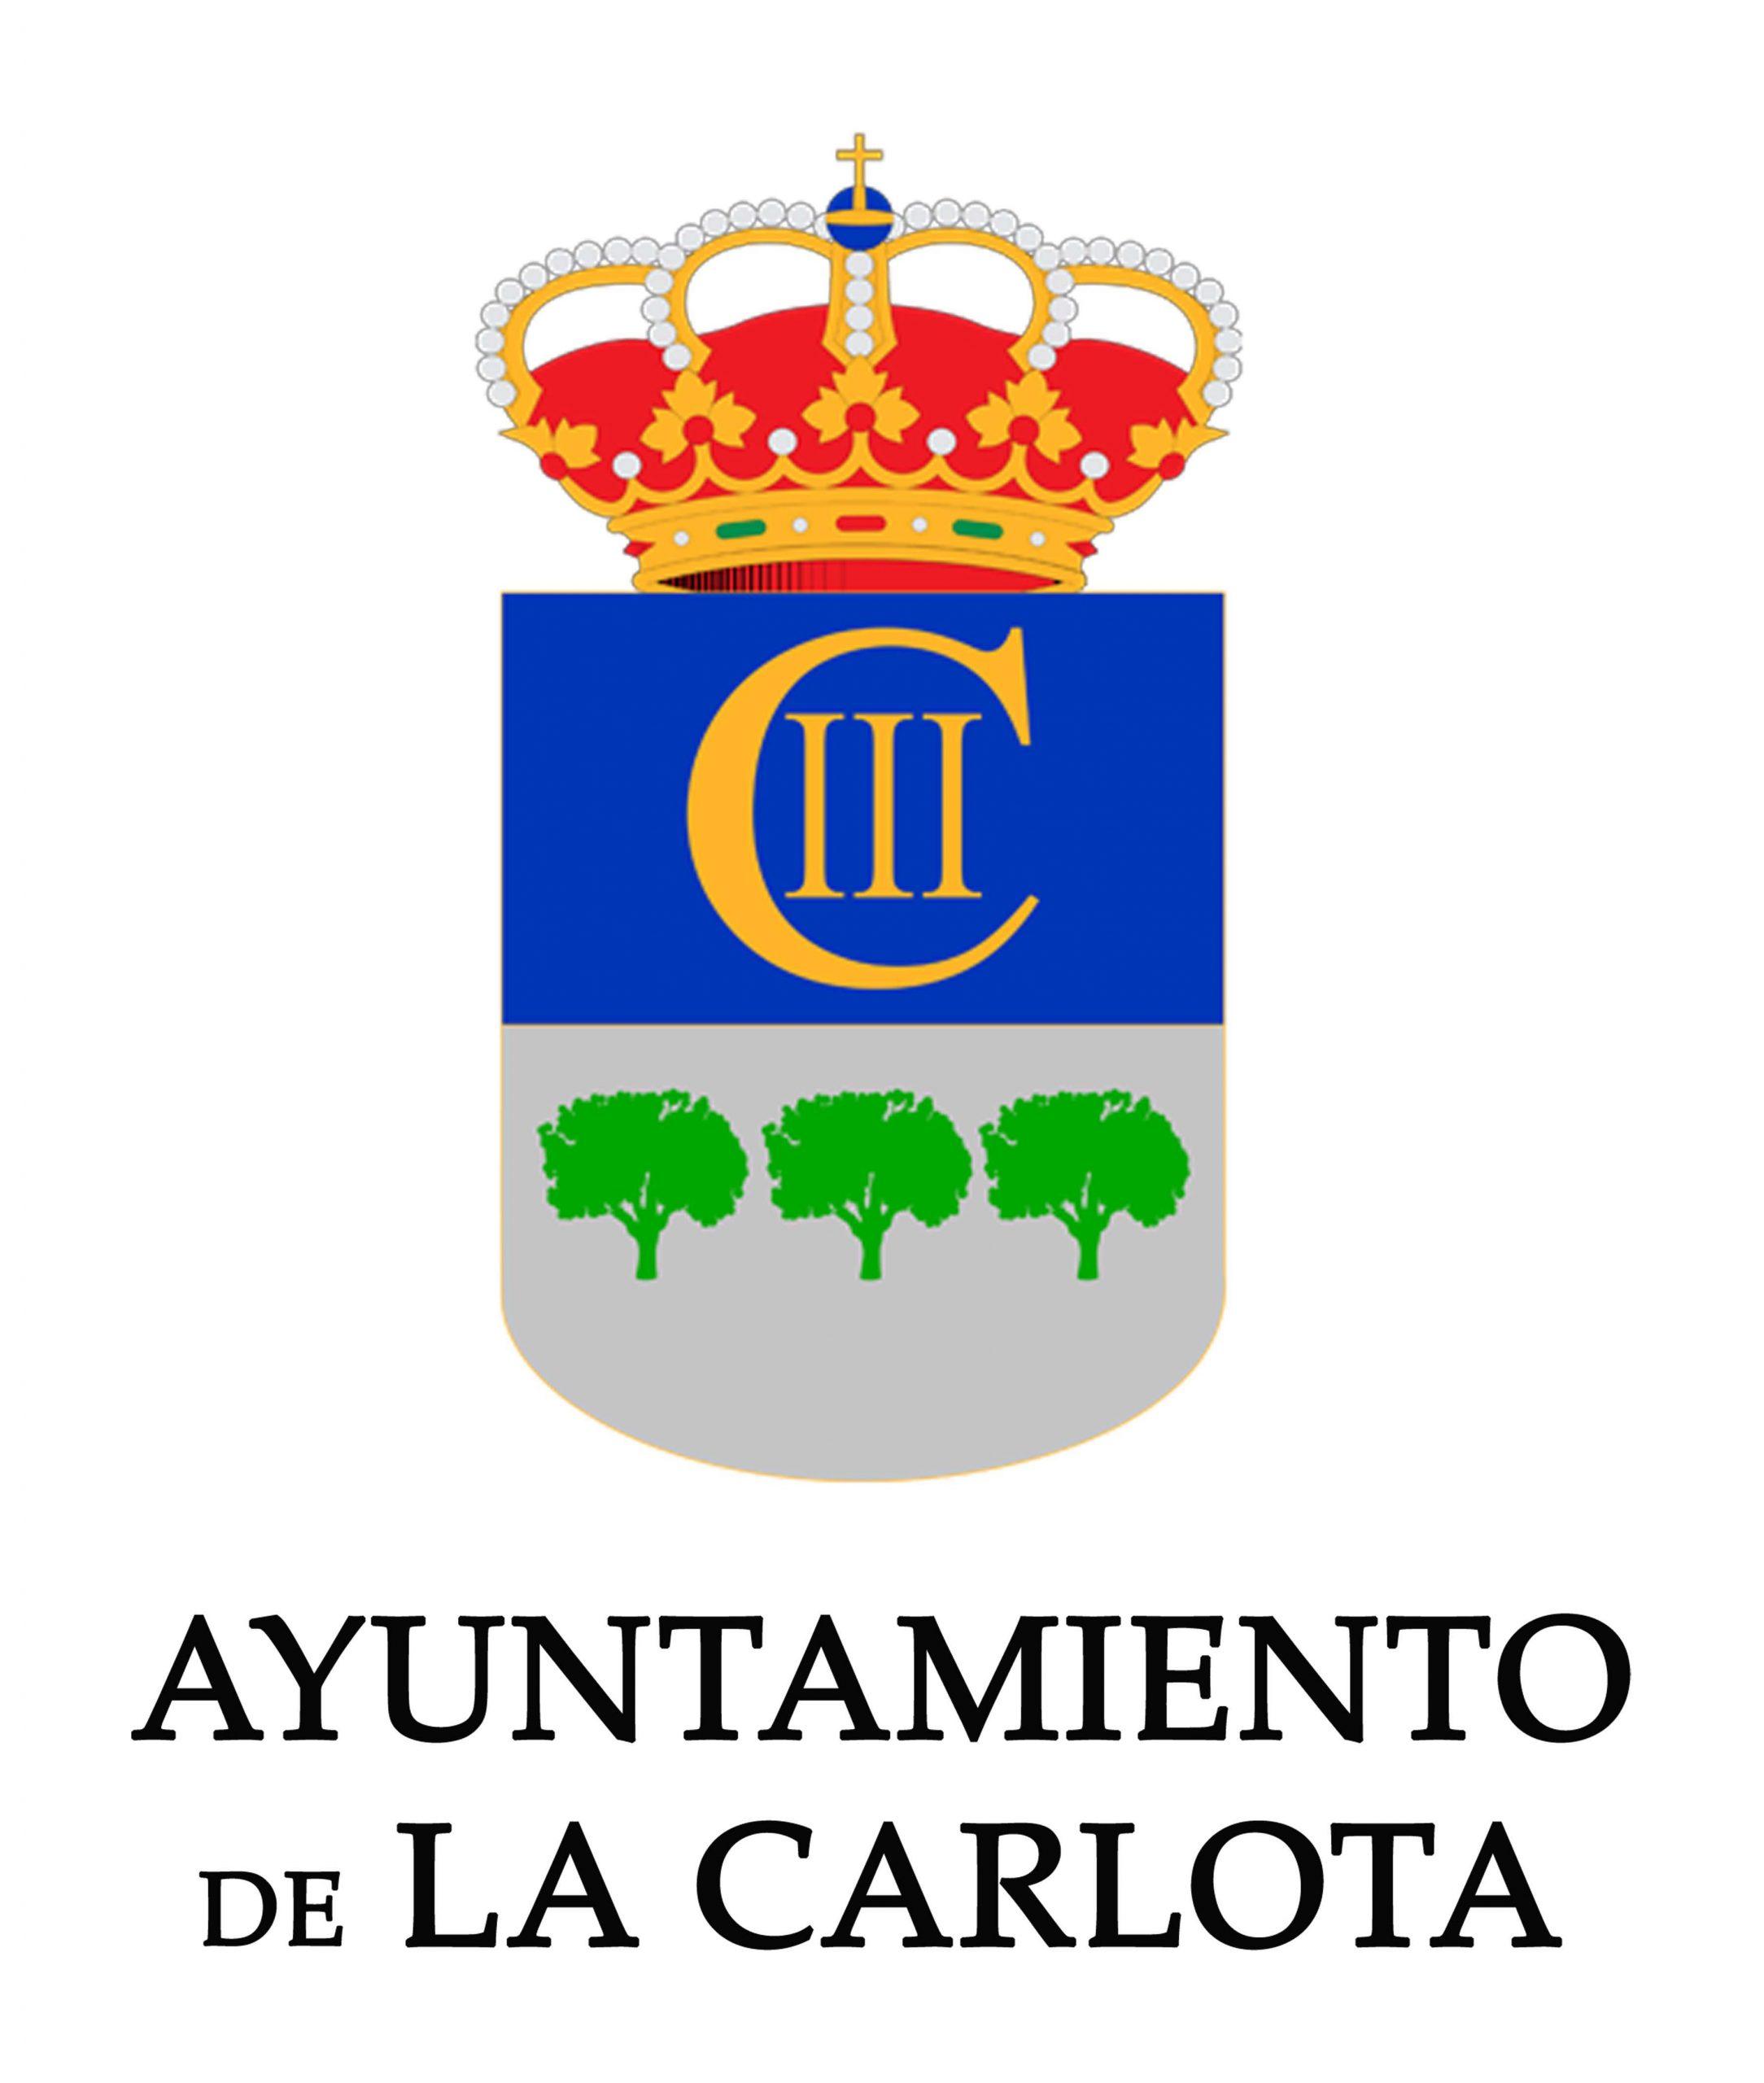 EL SERVICIO DE DESINFECCIÓN COVID EN LA CARLOTA Y LOS DEPARTAMENTOS SE AMPLIARÁ A PARTIR DEL PRÓXIMO LUNES 1